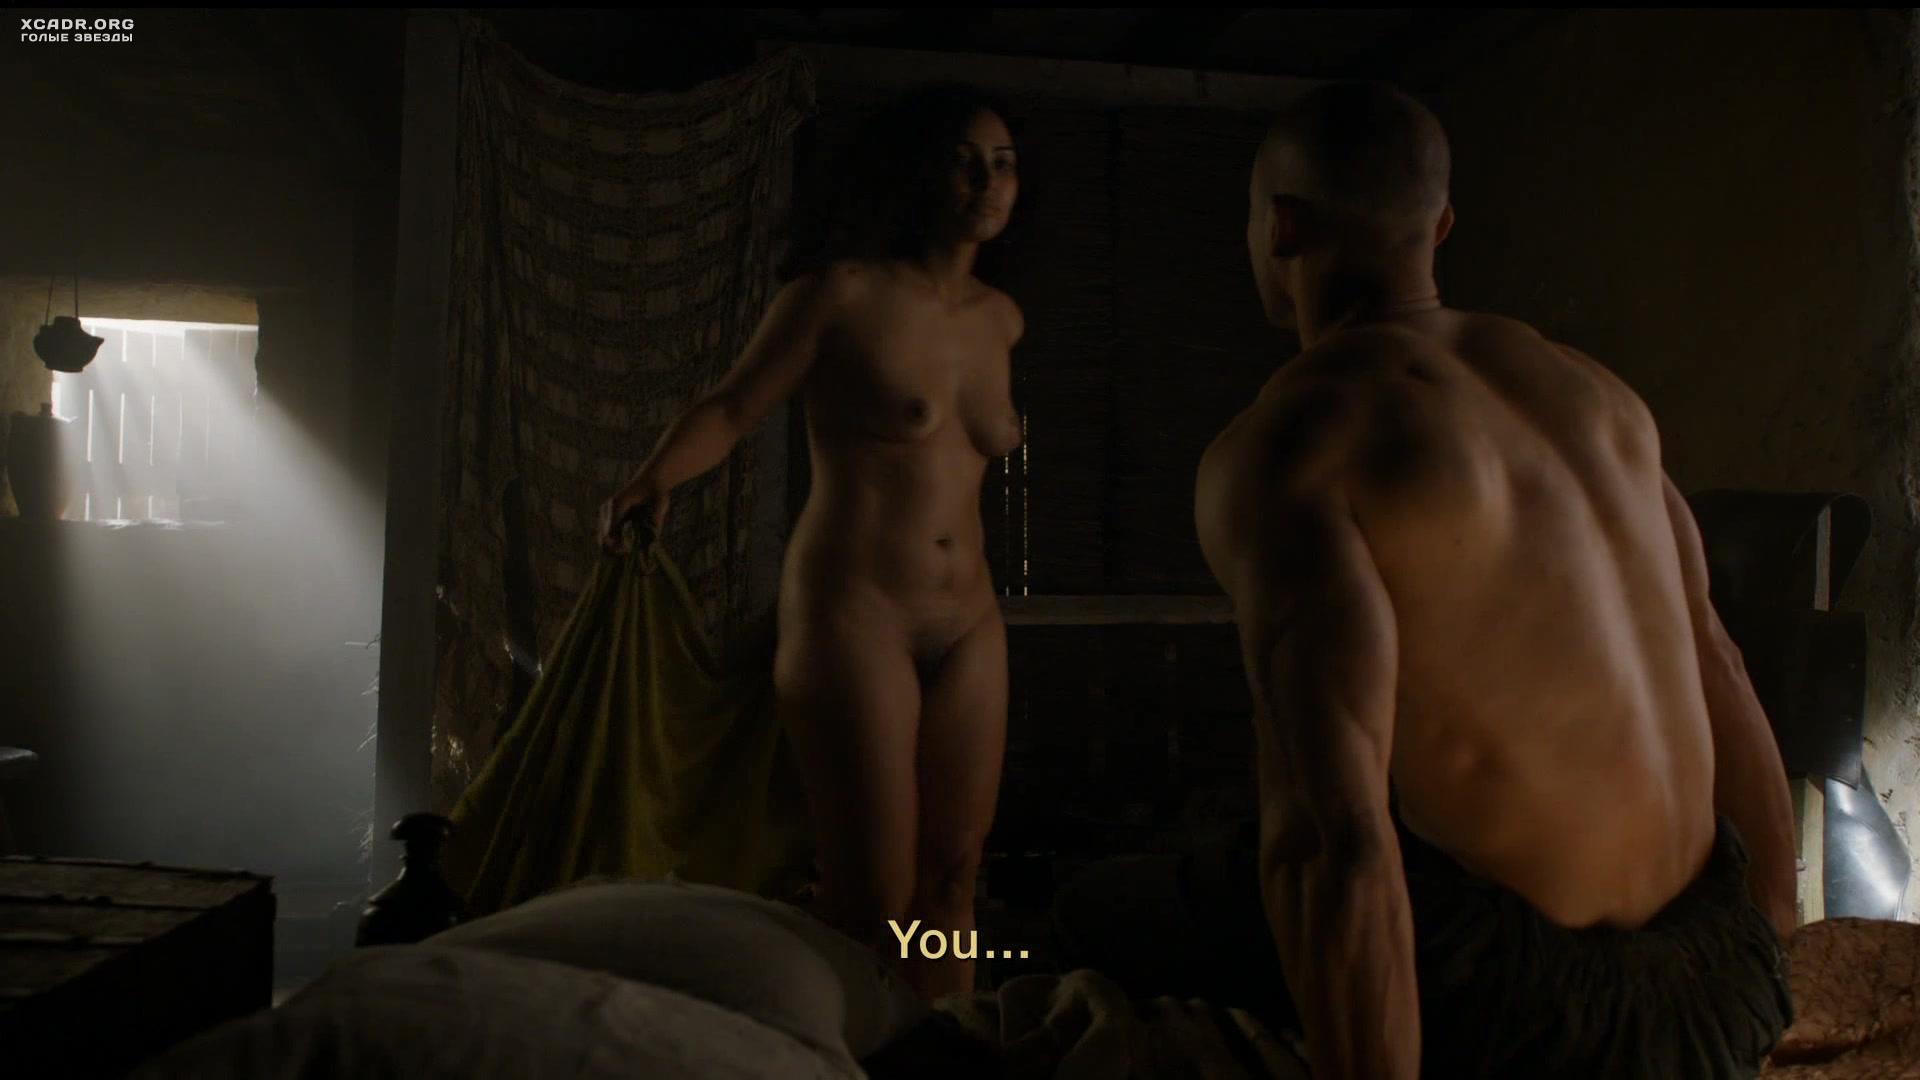 жена эротическая сцена из фильма на игре ведет другие рубрики